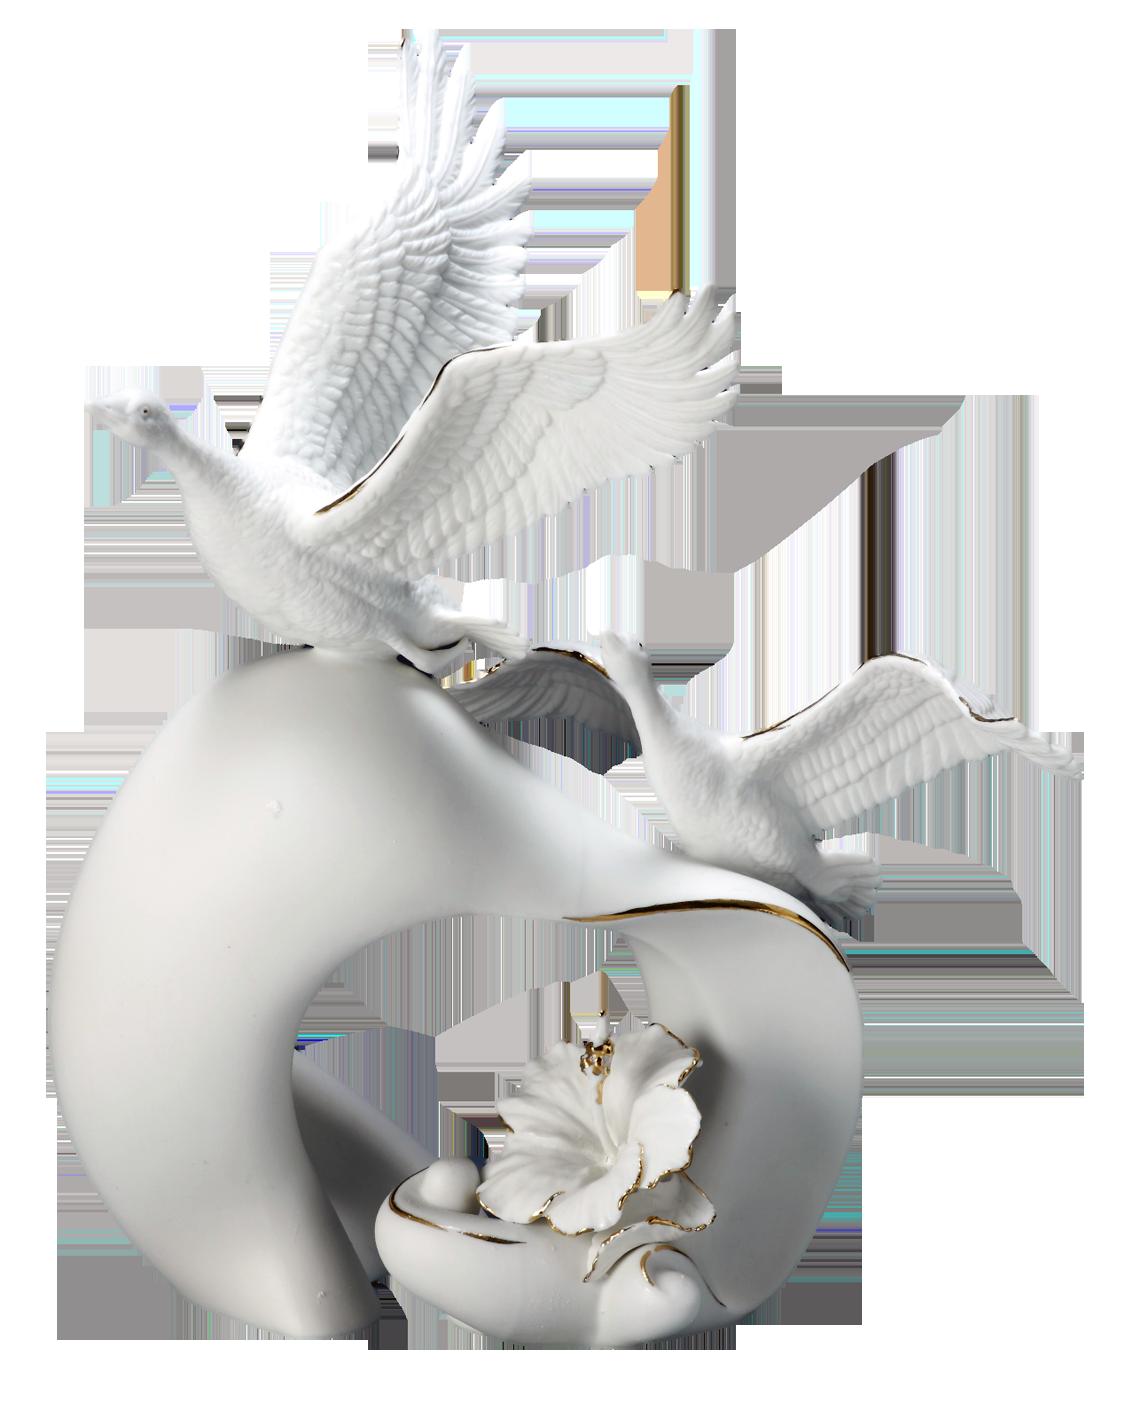 雁領群雄Flying Geese